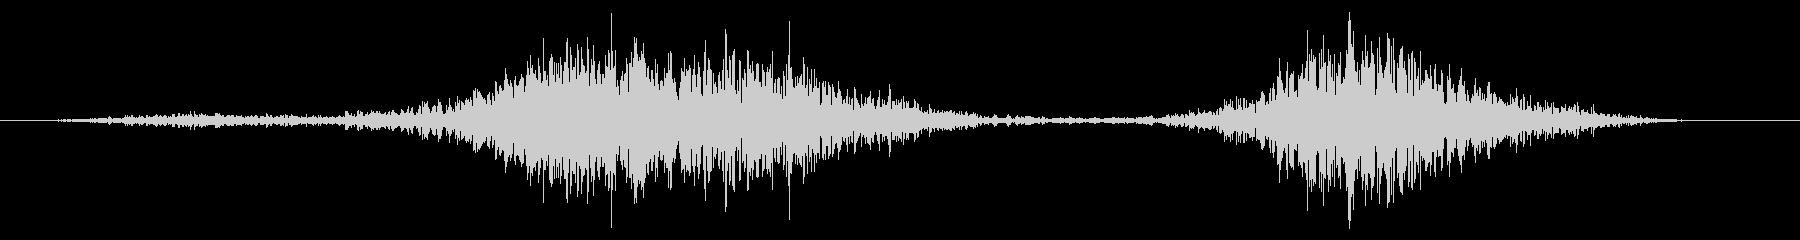 シンフライアウトウーッシュの未再生の波形